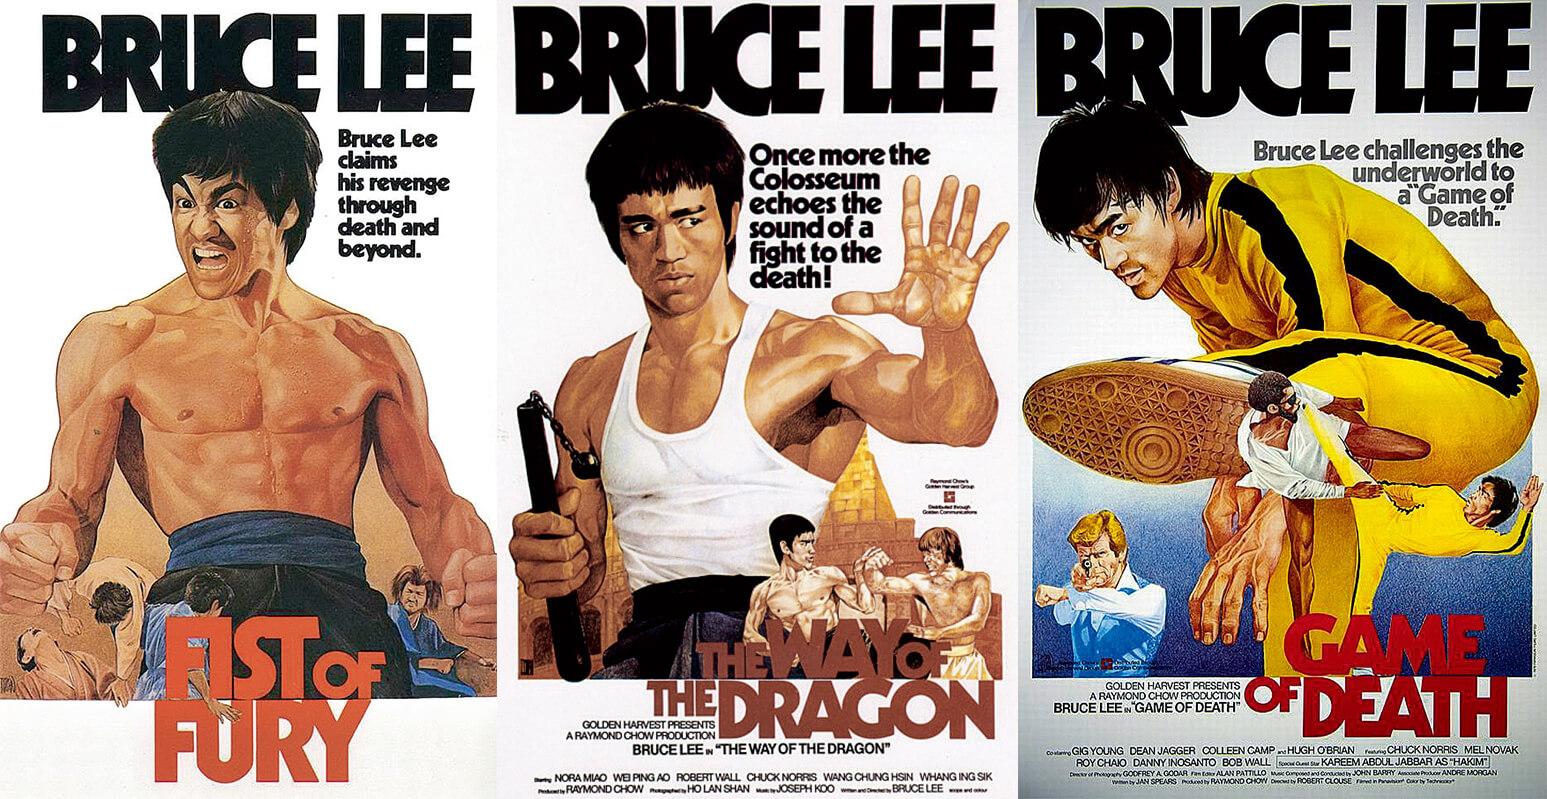 1982年嘉禾決定將李小龍四齣電影 《 唐 山 大 兄 》、《 猛 龍 過 江 》、《 死 亡遊戲》(左順序)及《精武門》 (右)重新包裝,推出歐洲市場, 遂邀請阮大勇操刀繪畫海報。四張 海報悉心挑選李小龍最經典的「甫 士」,在歐洲深入民心,今日海外 宣傳李小龍的電影封面,仍有港版海報的影子。